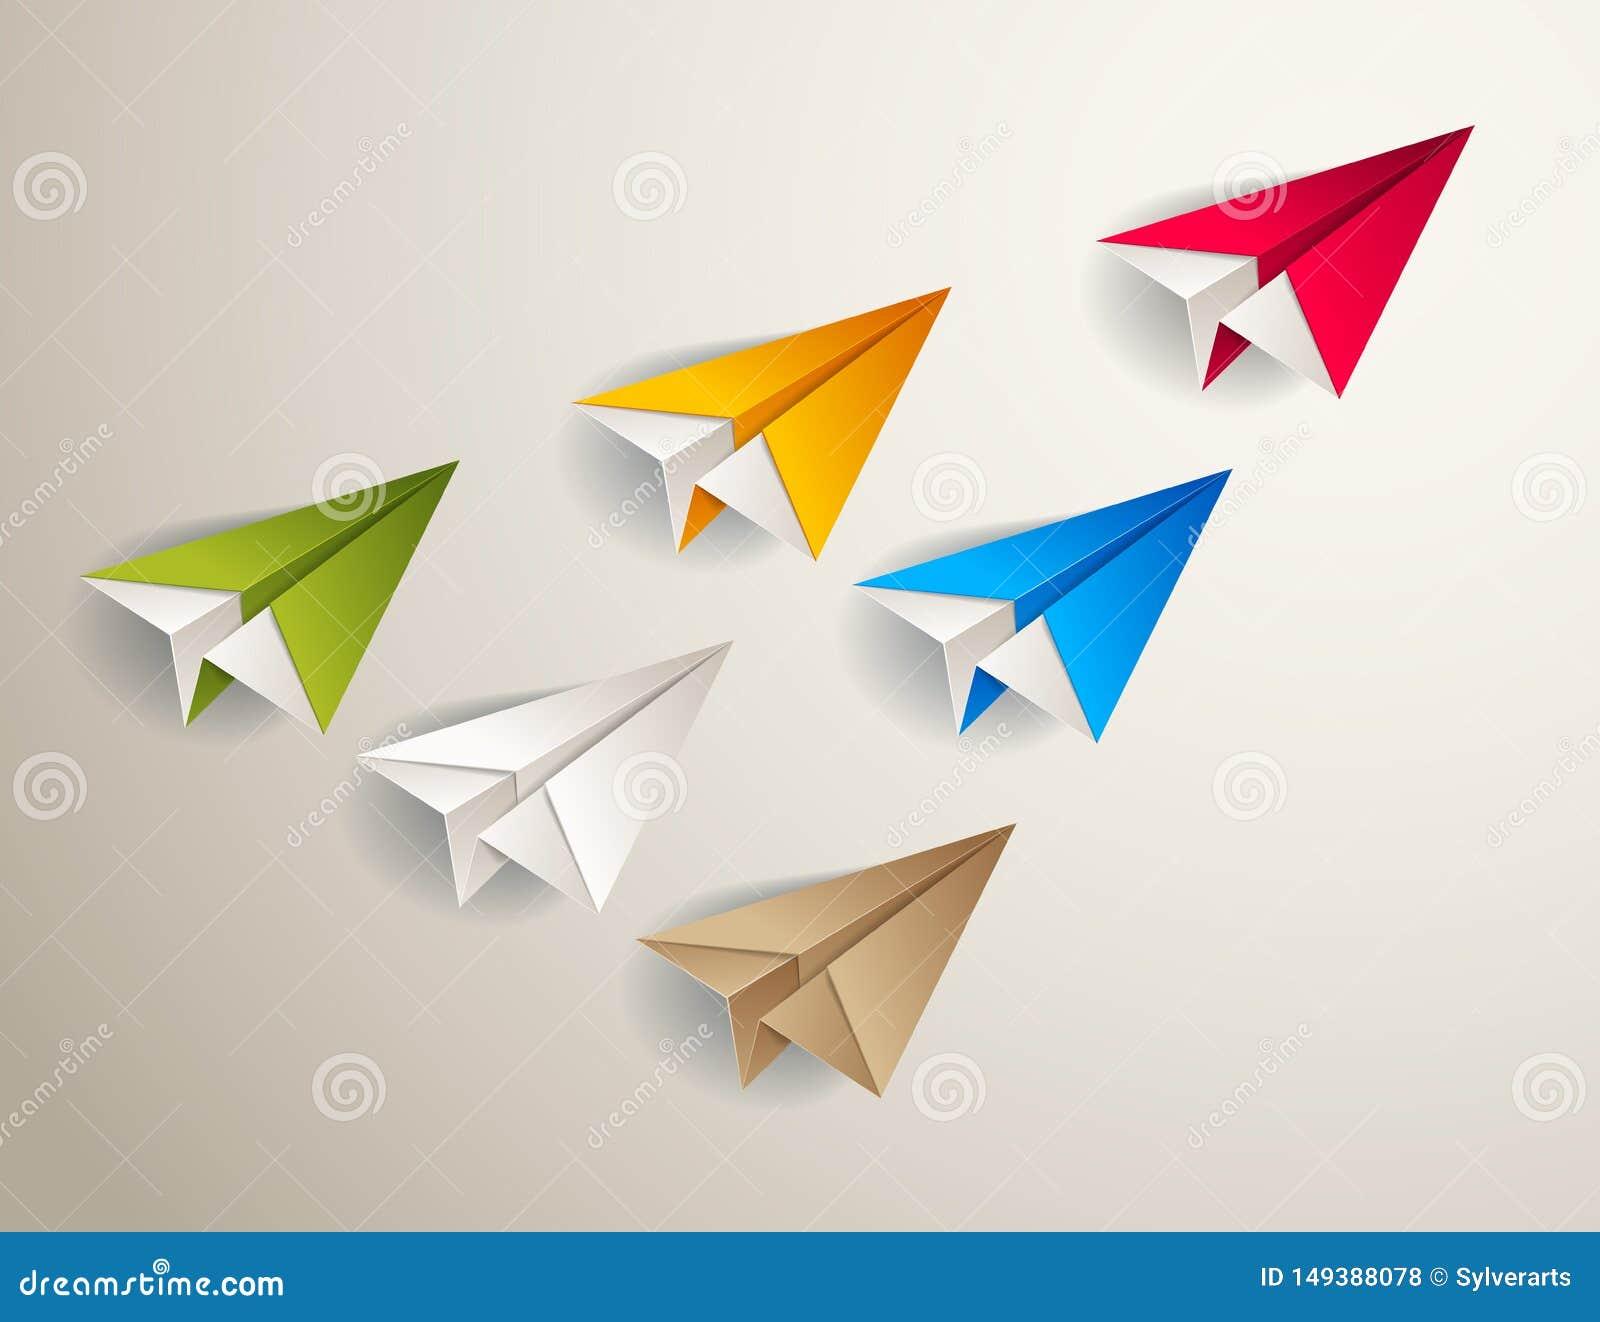 O origâmi de voo aplana conduzindo o grupo de planos menores, conceito da equipe da liderança do negócio